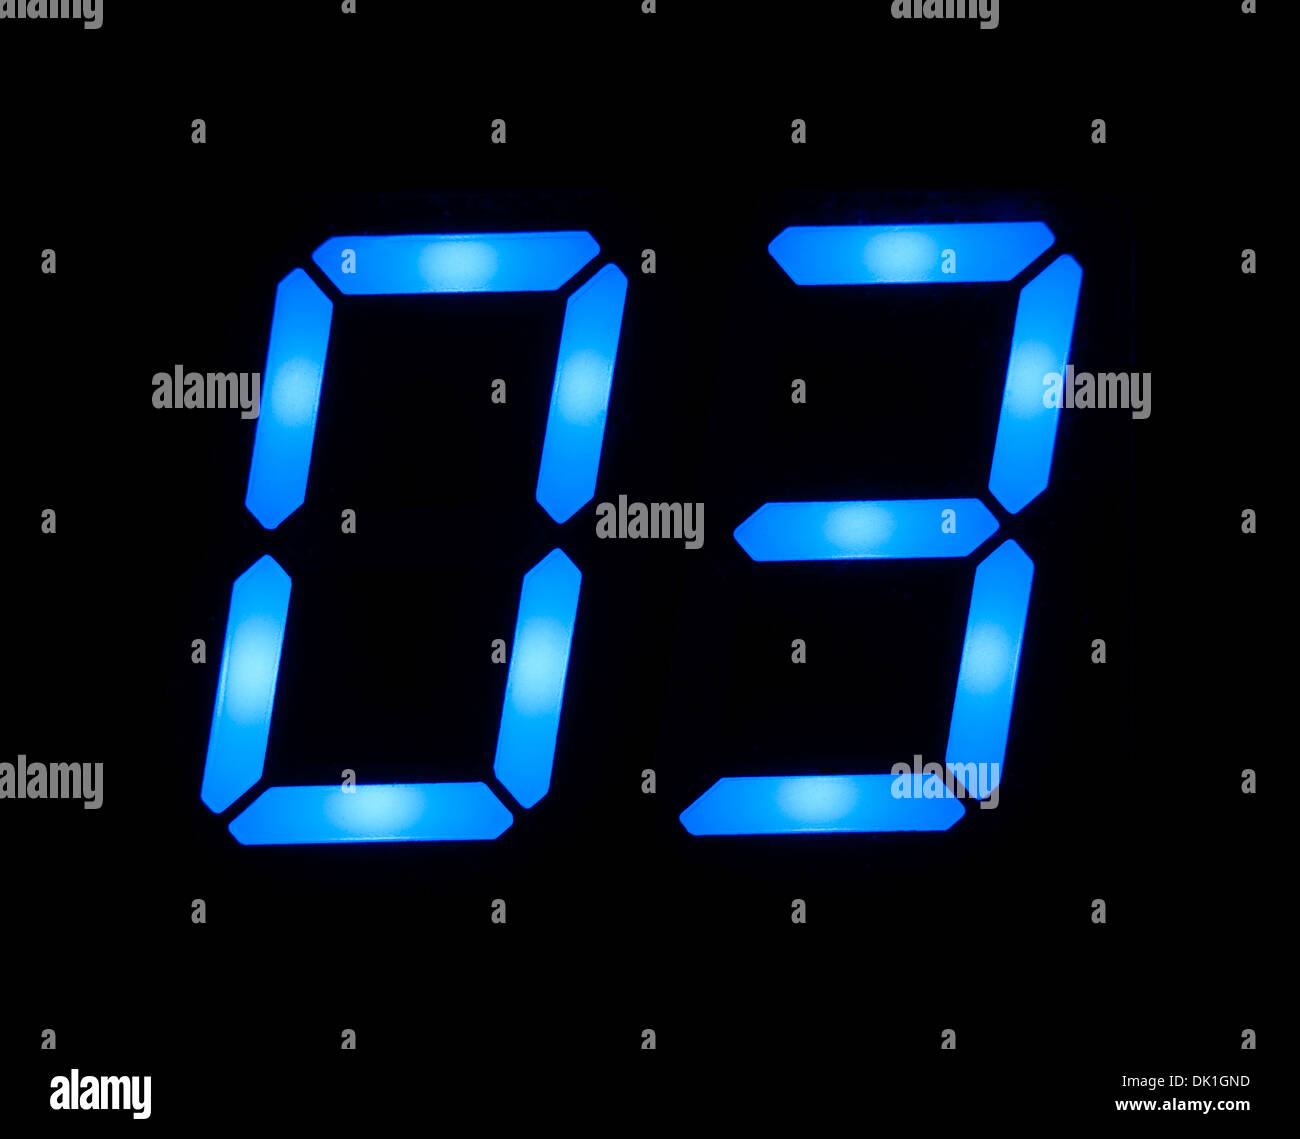 Blue digital number 03 - Stock Image